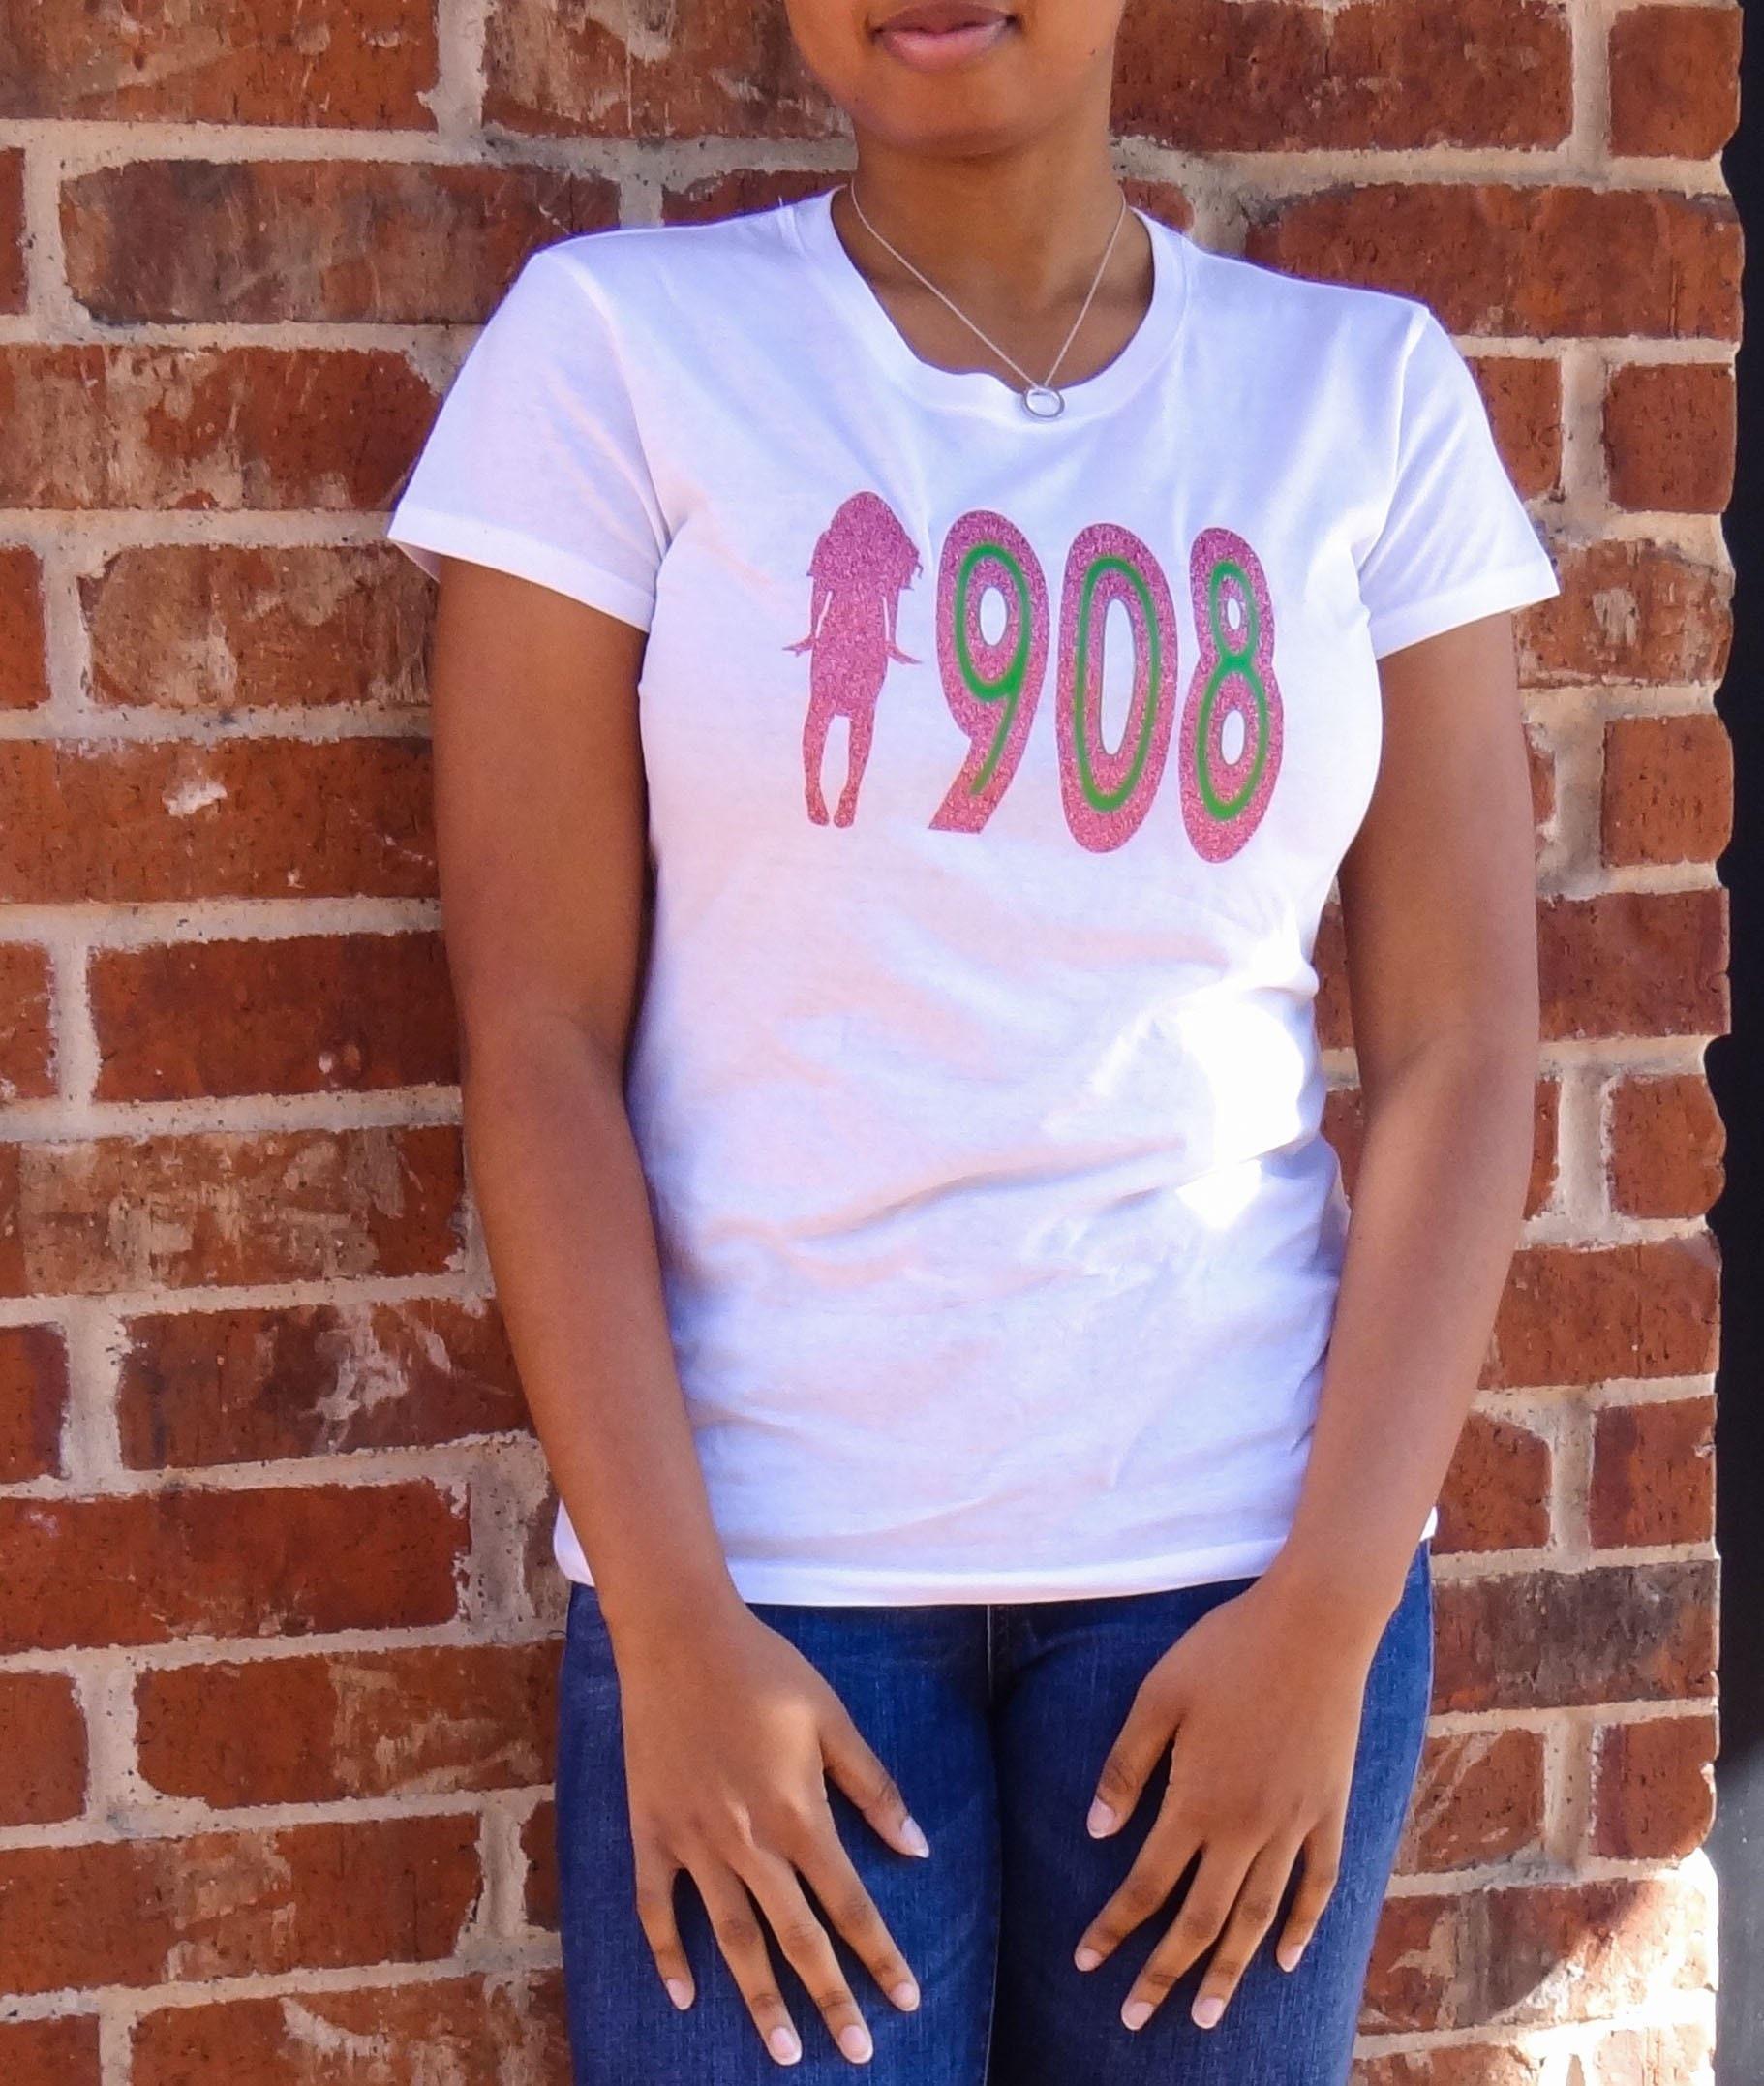 bbd70f71768e0 1908 - Alpha Kappa Alpha T-Shirt